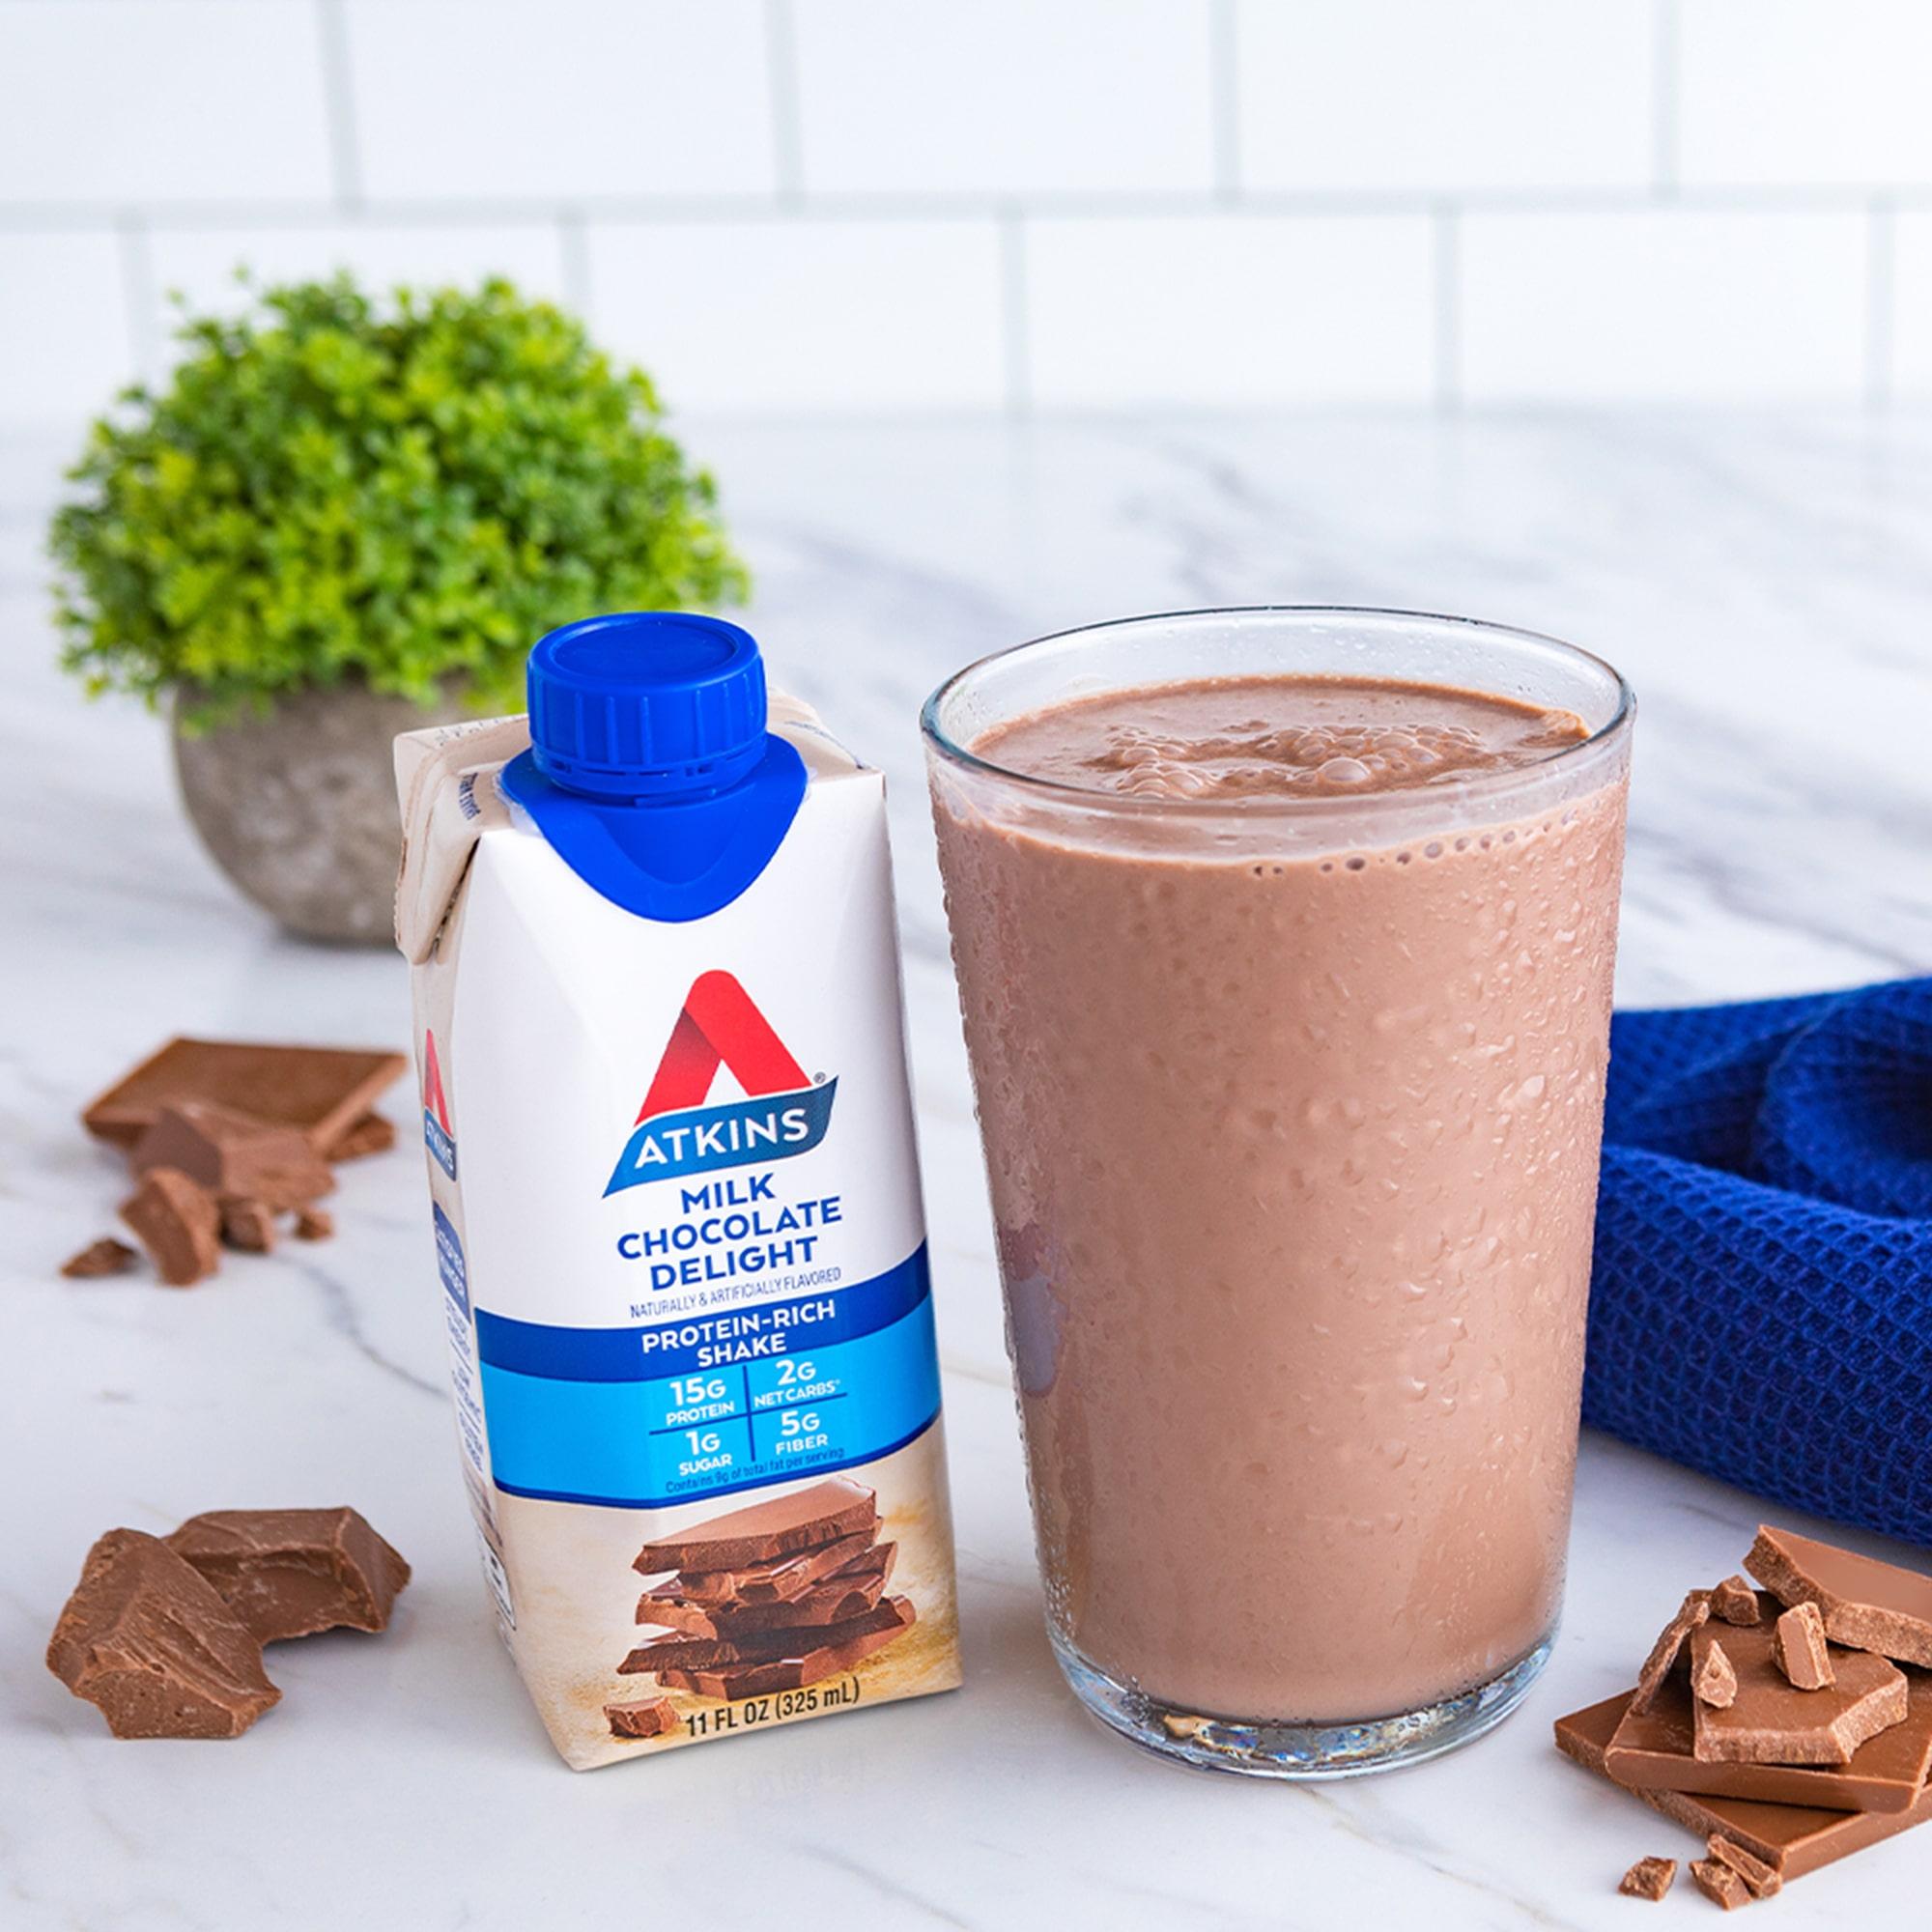 Atkins_Shake_MilkChocolateDelight_210129_110655-min